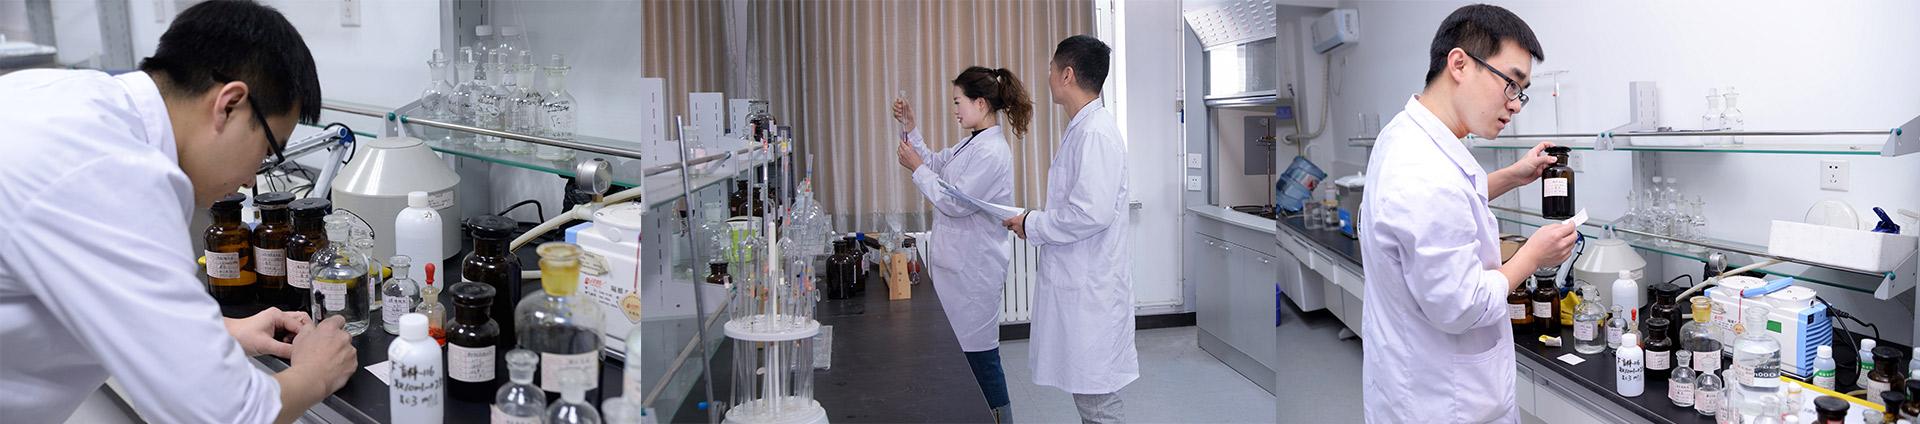 大型环境雷竞技官网进入机构实验室配置